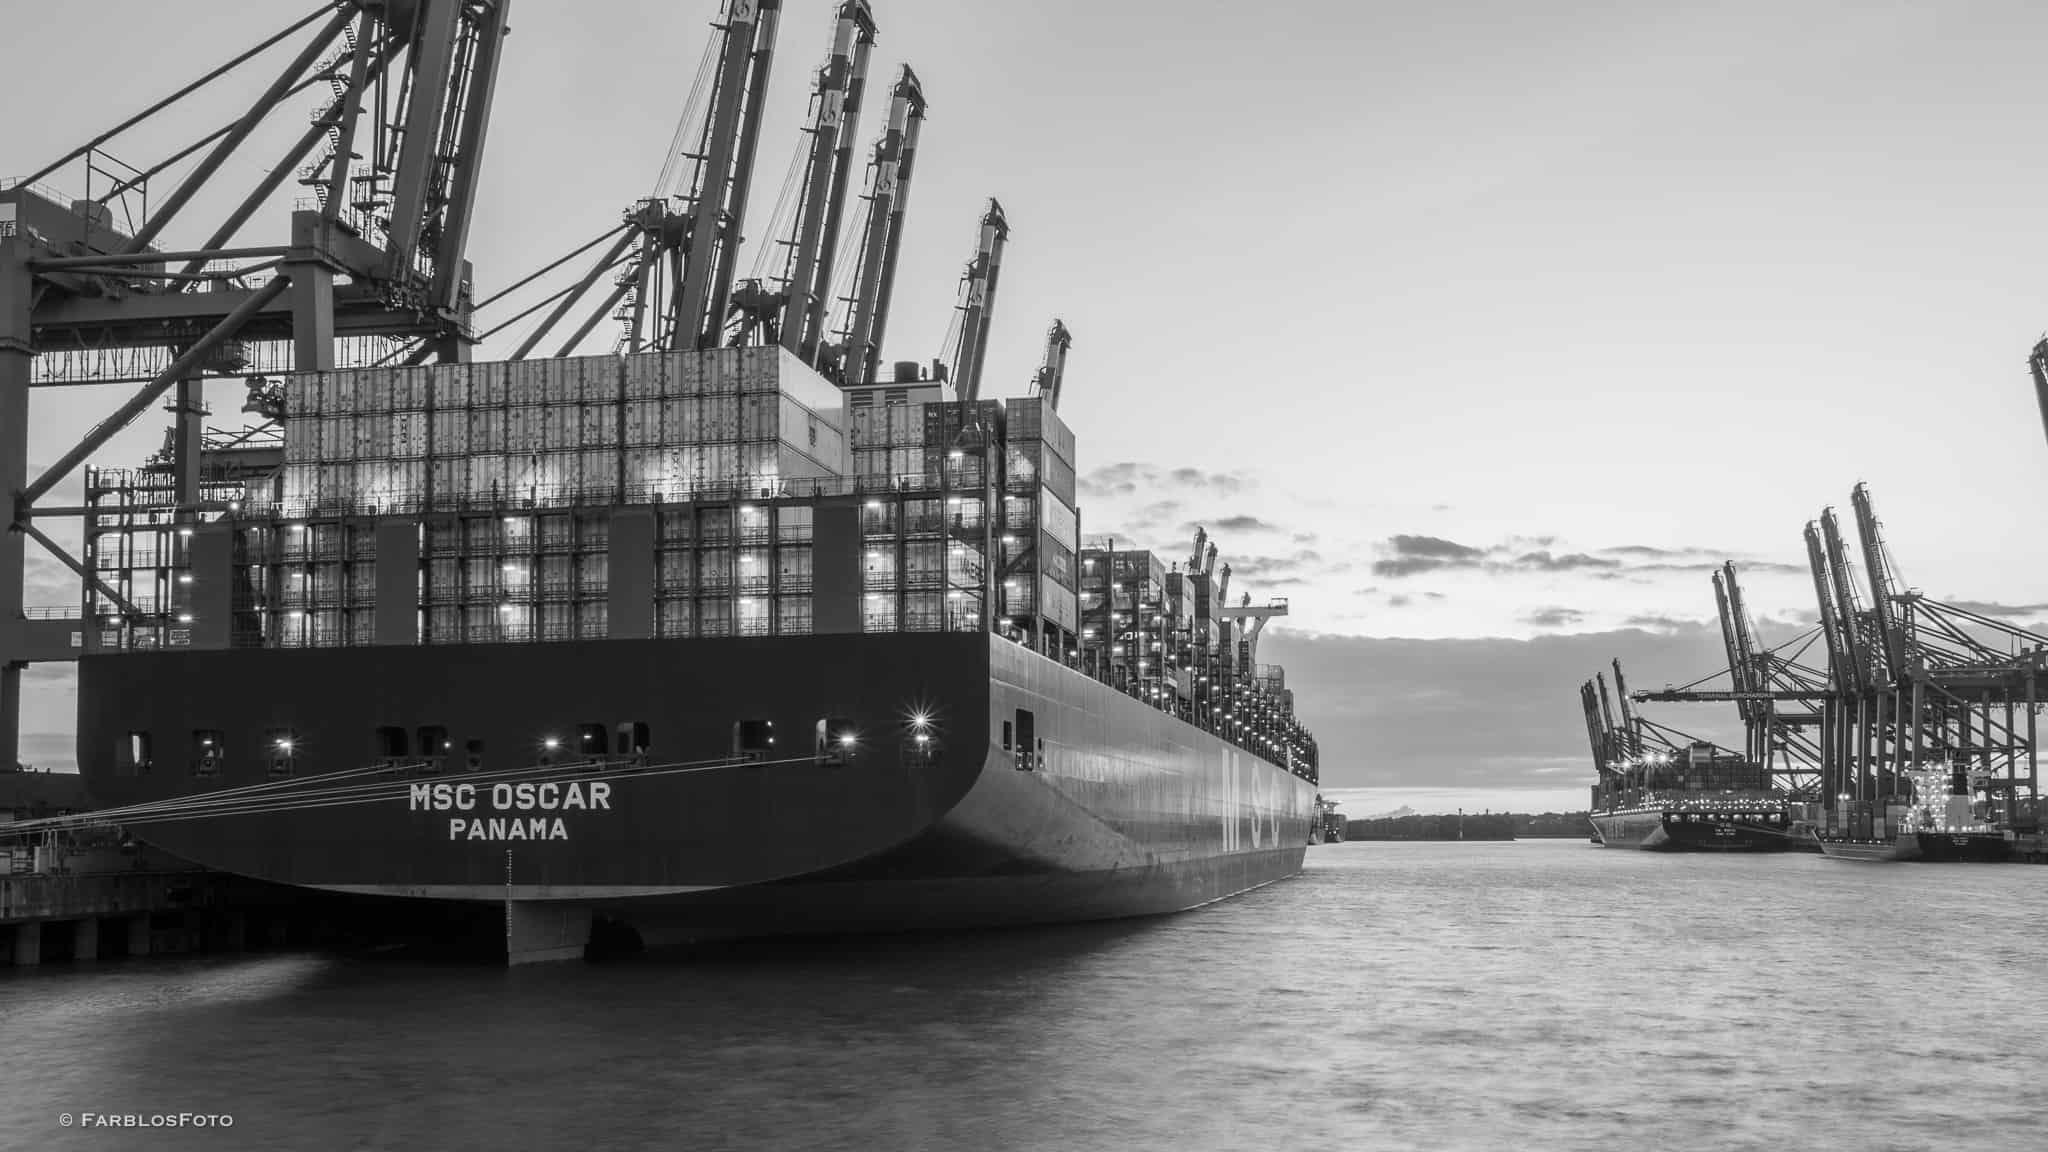 MSC Oscar am Eurogate und die YM Width am Burchardkai im Hamburger Hafen